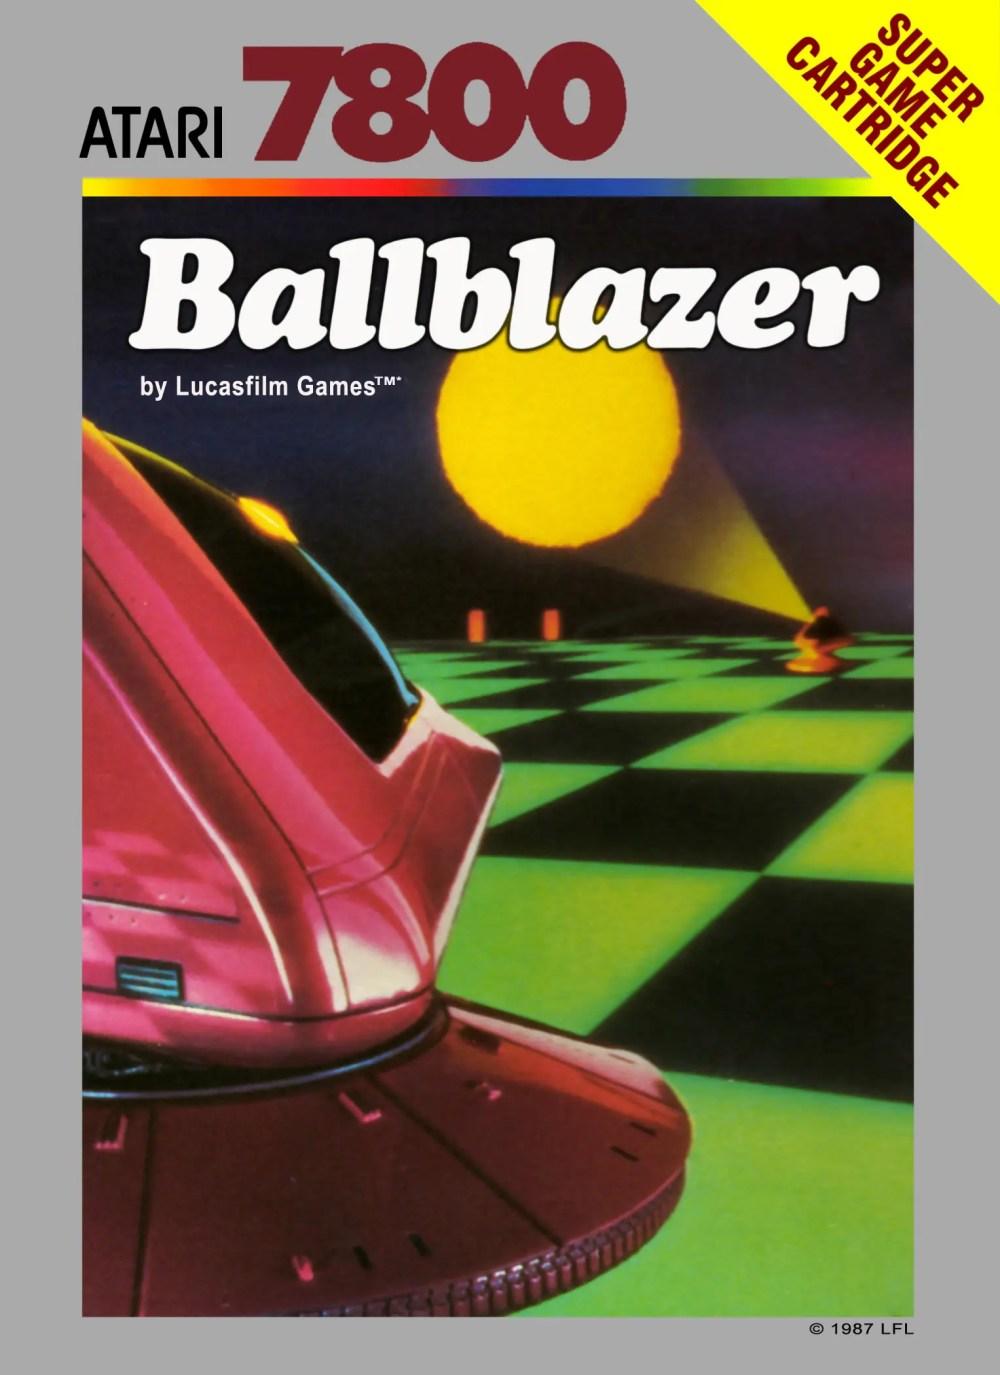 Ballblazer for Atari 7800